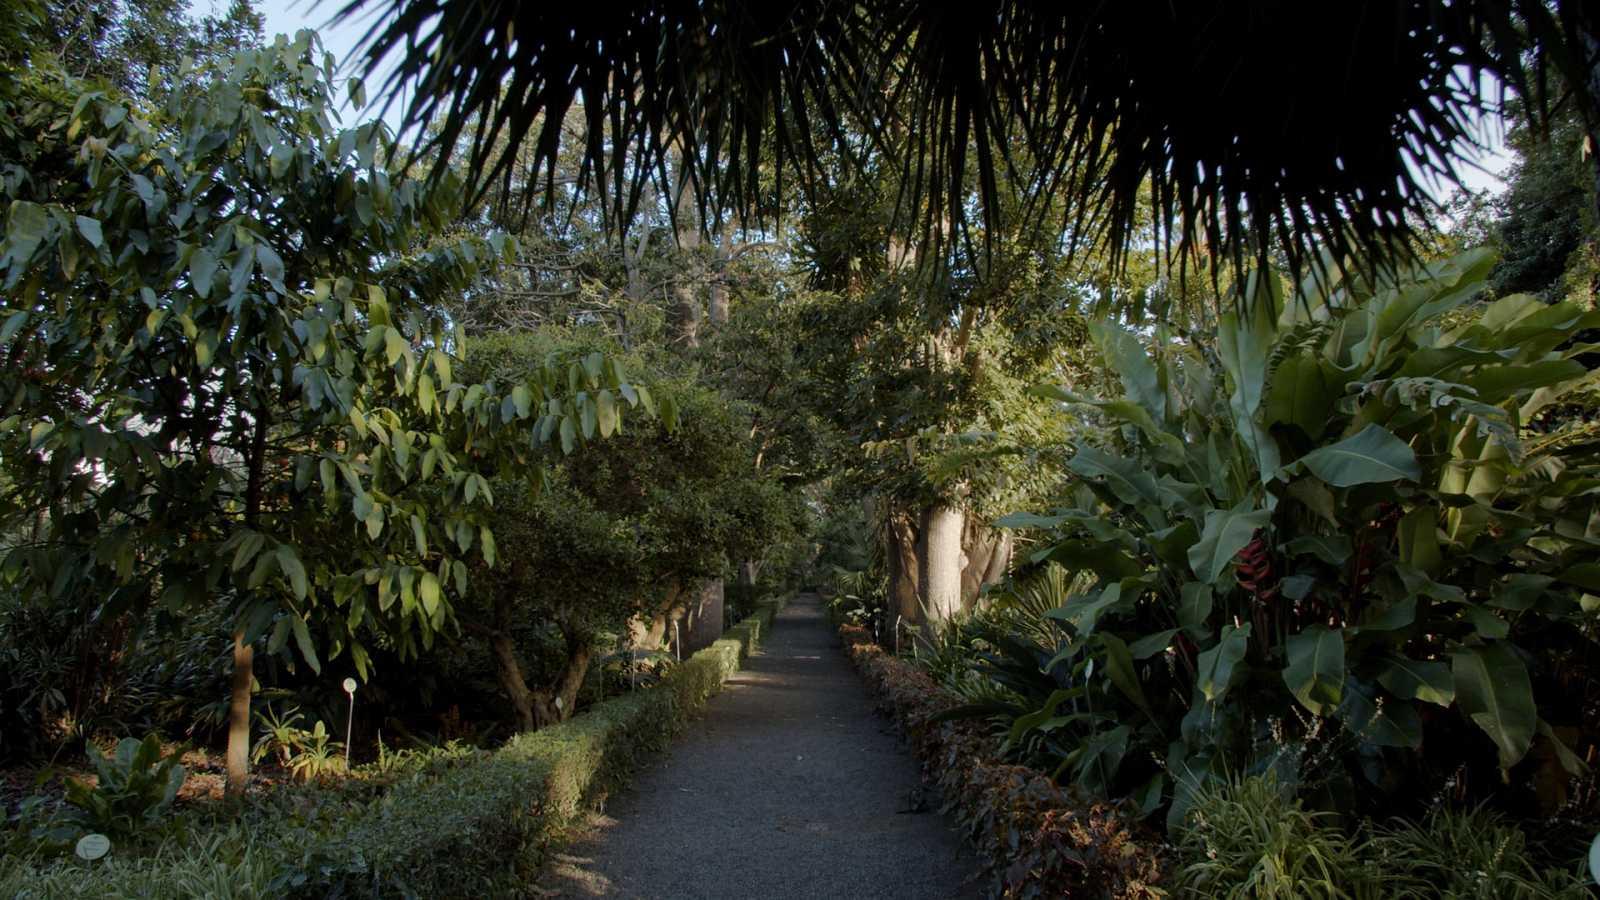 Jardines con historia - Tenerife: Jardín de aclimatación de La Orotava - ver ahora